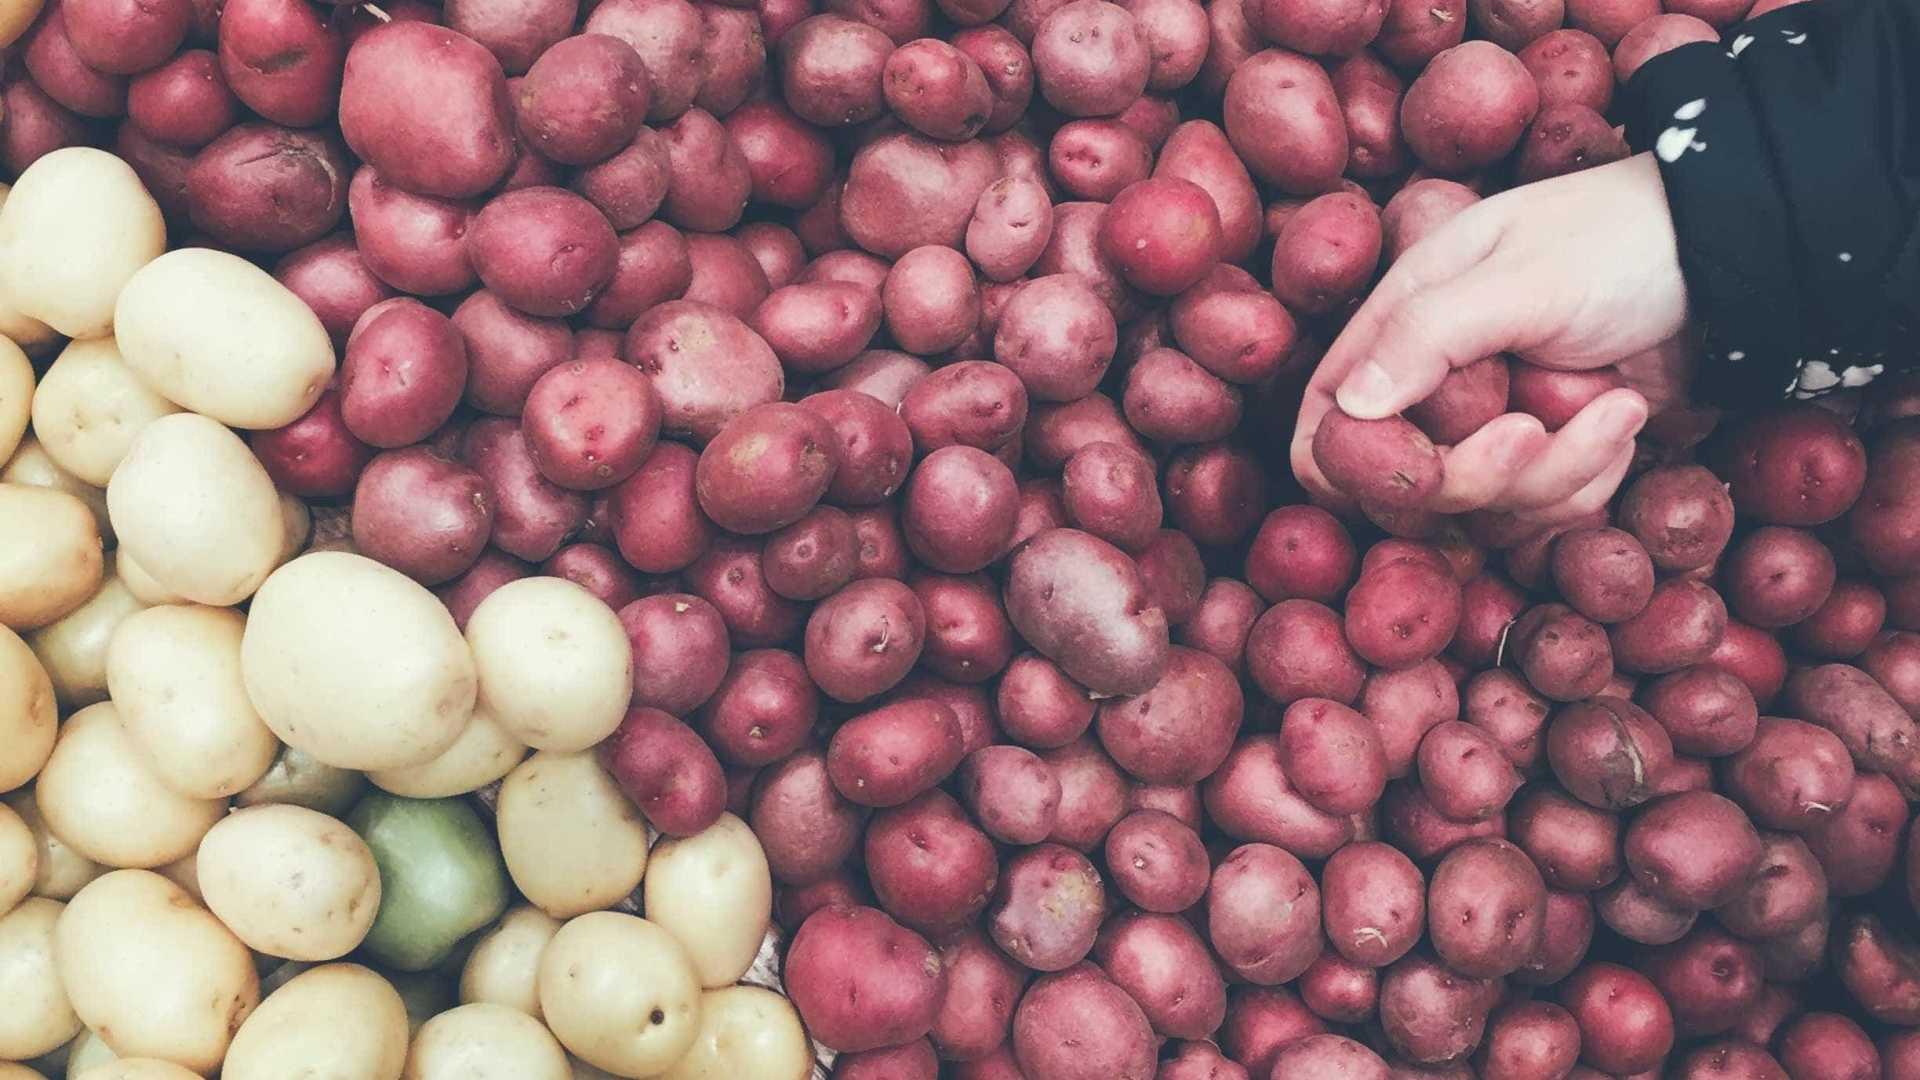 Descubra o que aconteceria se durante 1 ano você só comesse batata